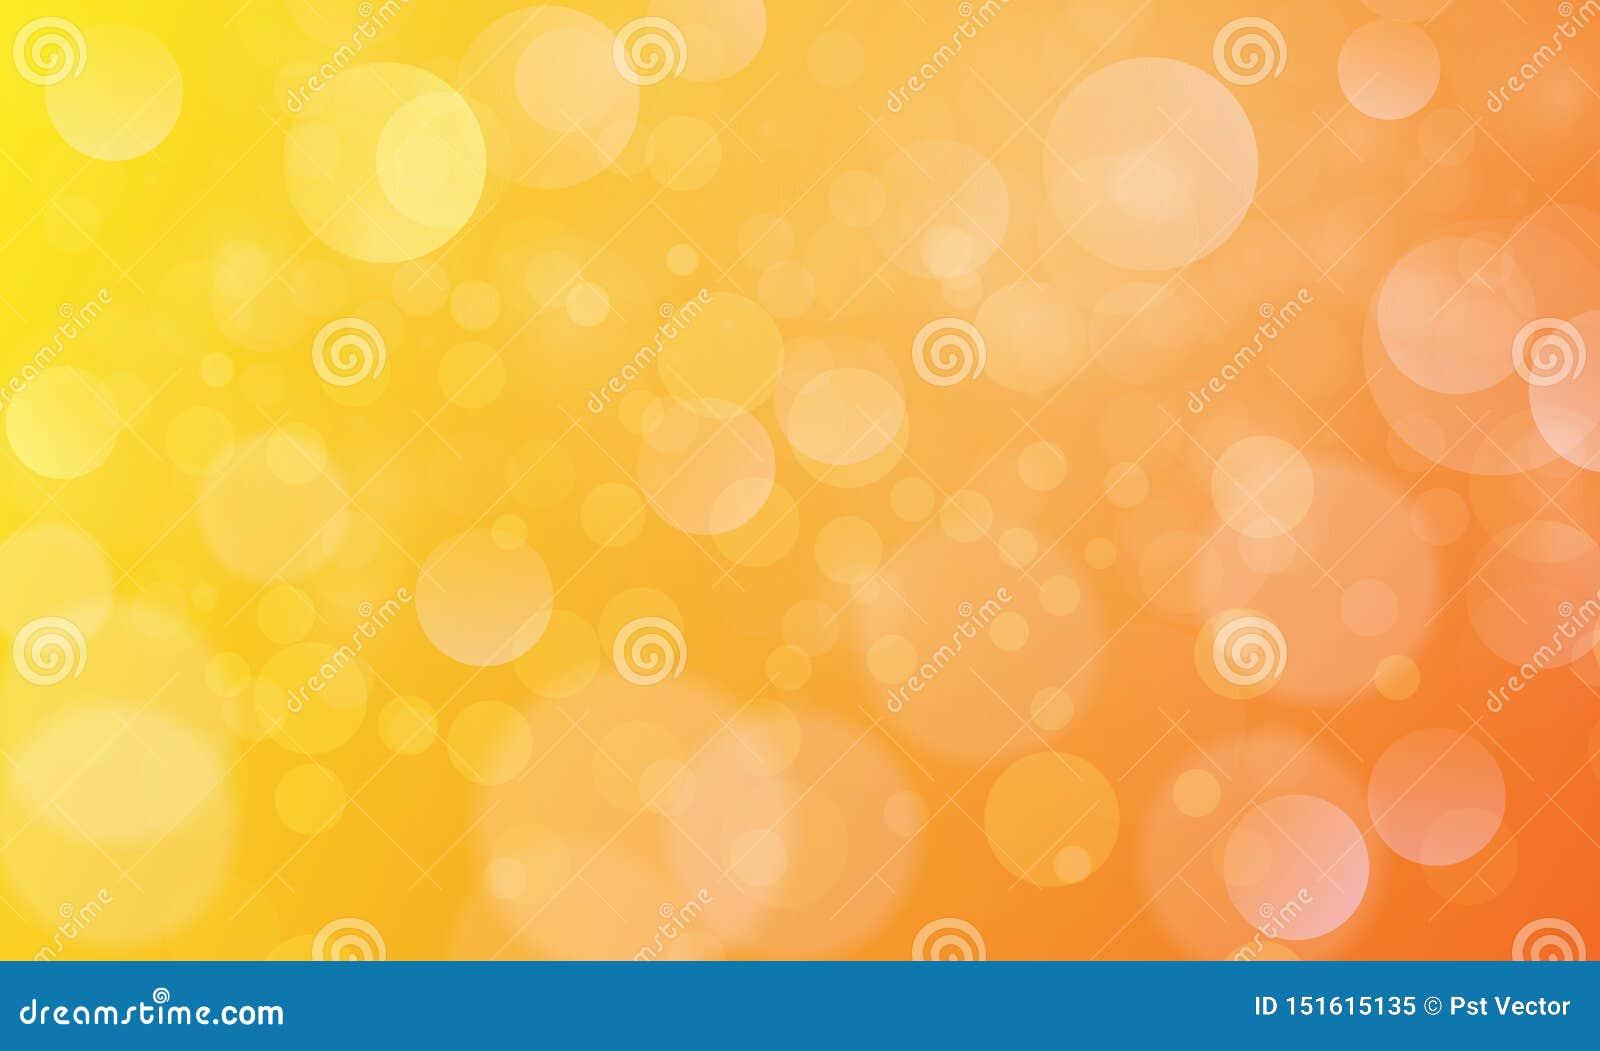 Abstrakt bokehljuseffekt med gul orange bakgrund, bokehtextur, bokehbakgrund, vektorillustration